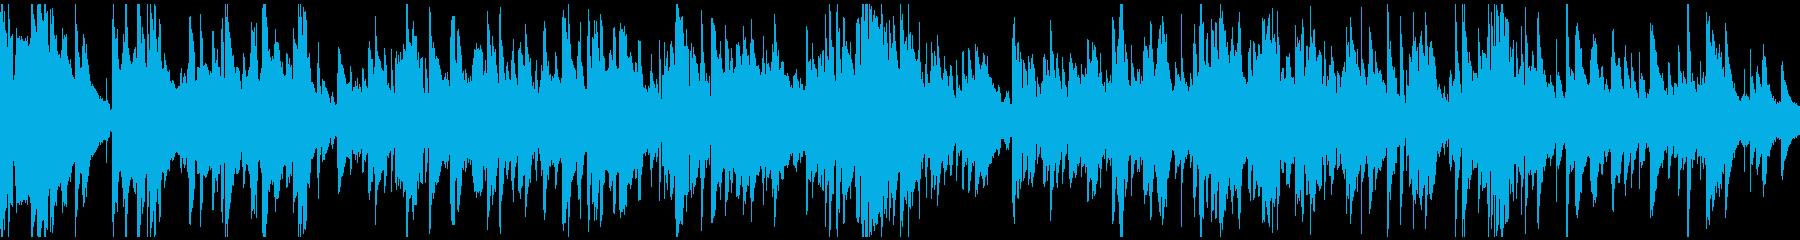 少し下品なエロい音色のサックス※ループ版の再生済みの波形